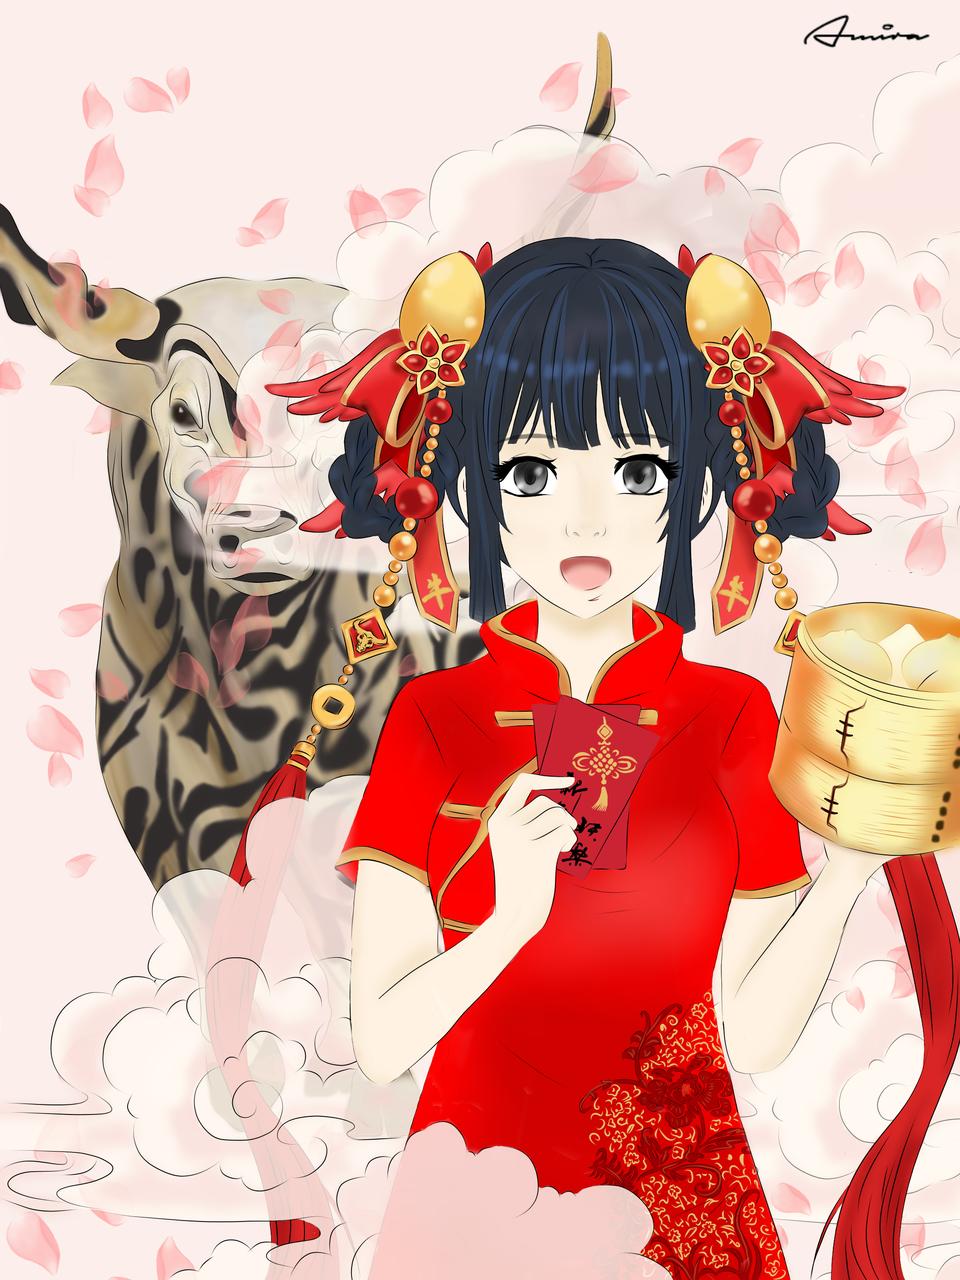 春节 2021 Illust of Mira January2021_Contest:OC ox oc Yearoftheox 2021 春节 newyear chinesenewyear